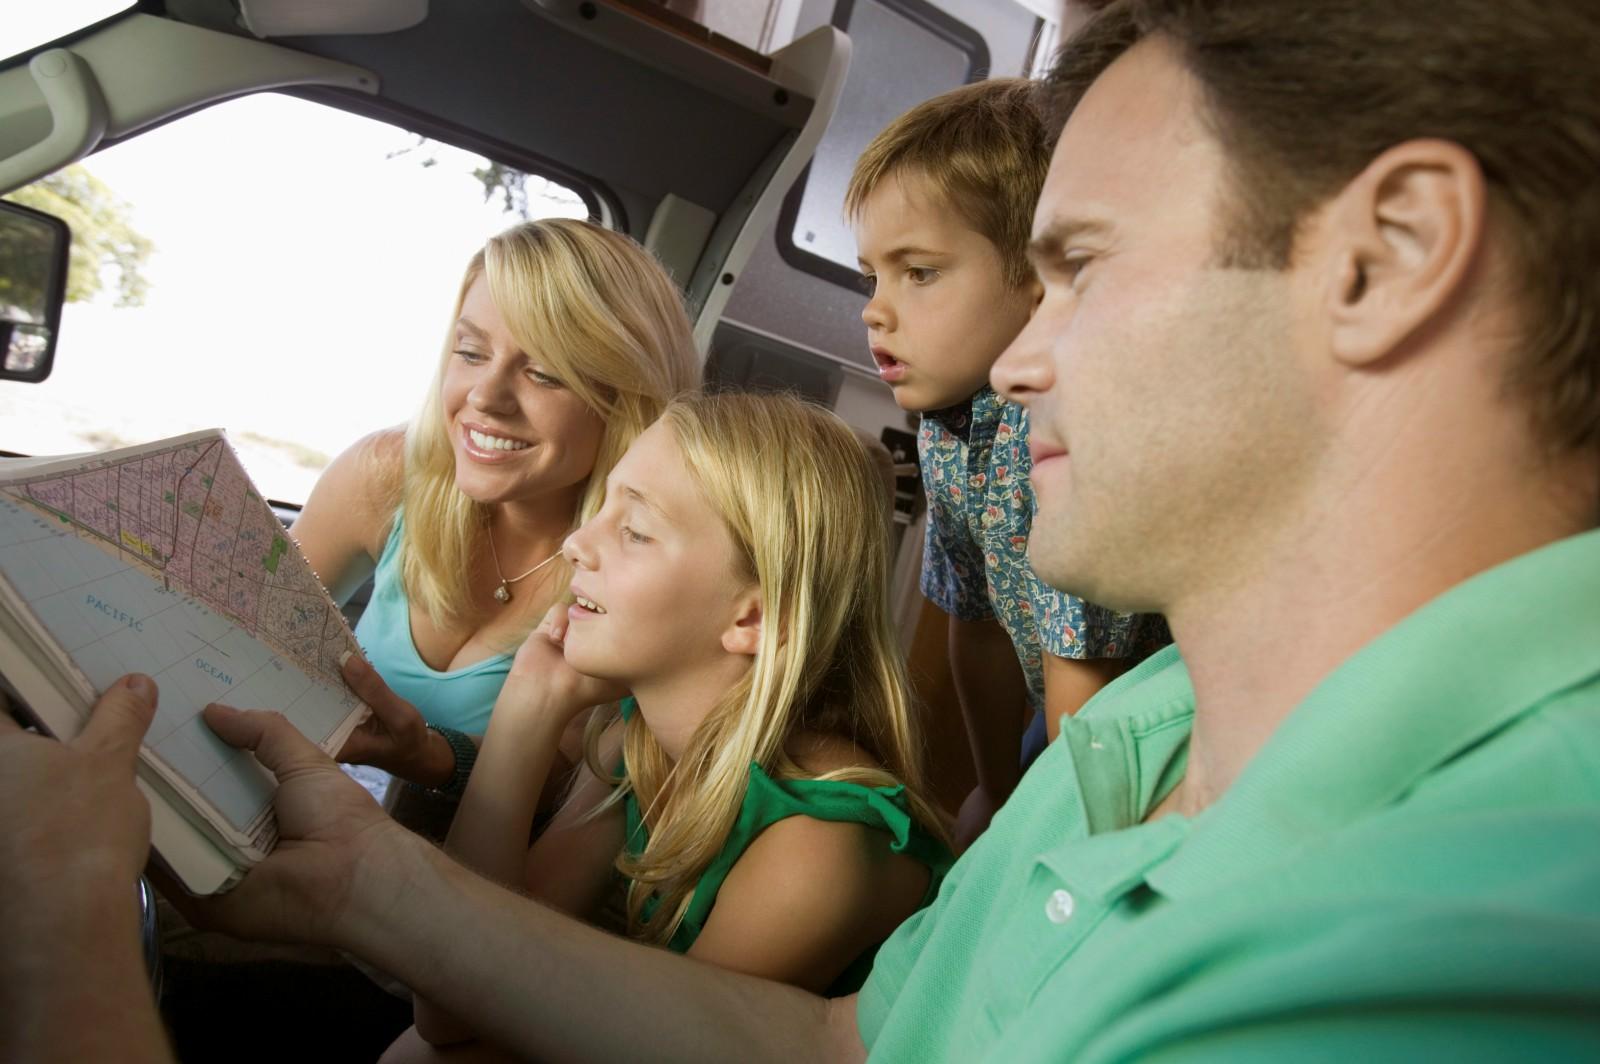 Viaggiare in camper con bambini può essere piacevole, ma anche complicato. L'importante è sapersi organizare.